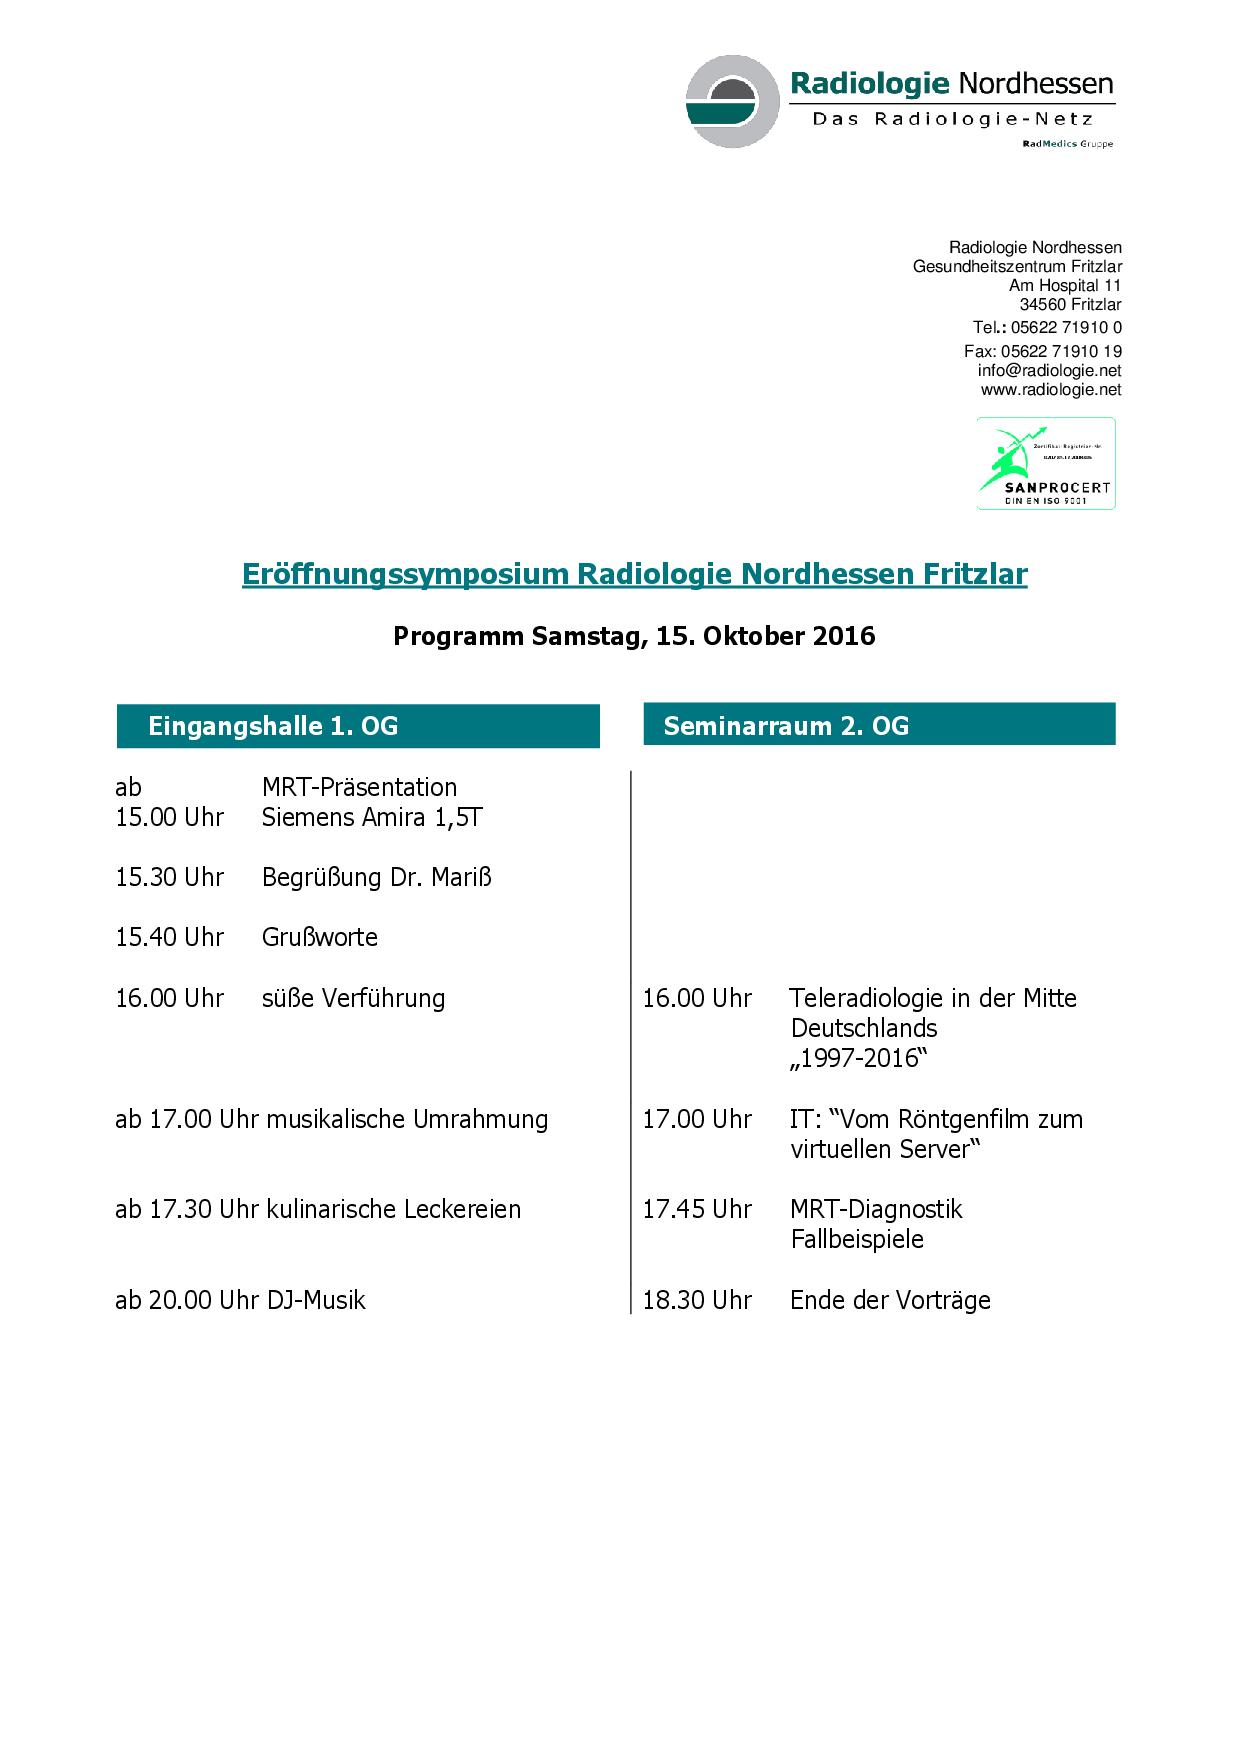 2016-10-15-programm-standorteroeffnung